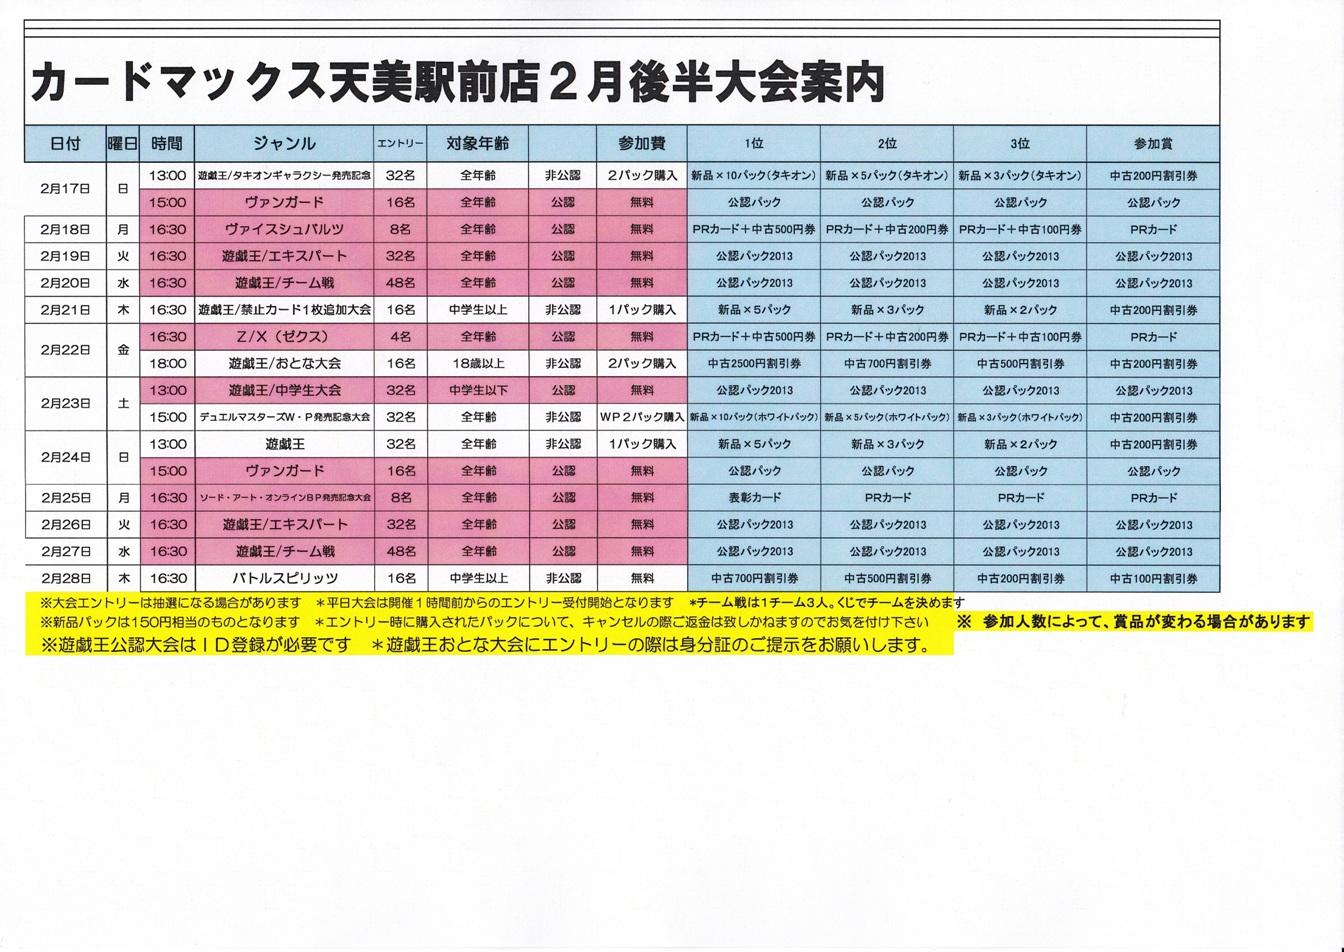 カードマックス天美駅前店2月後半大会案内_d0259027_211812.jpg